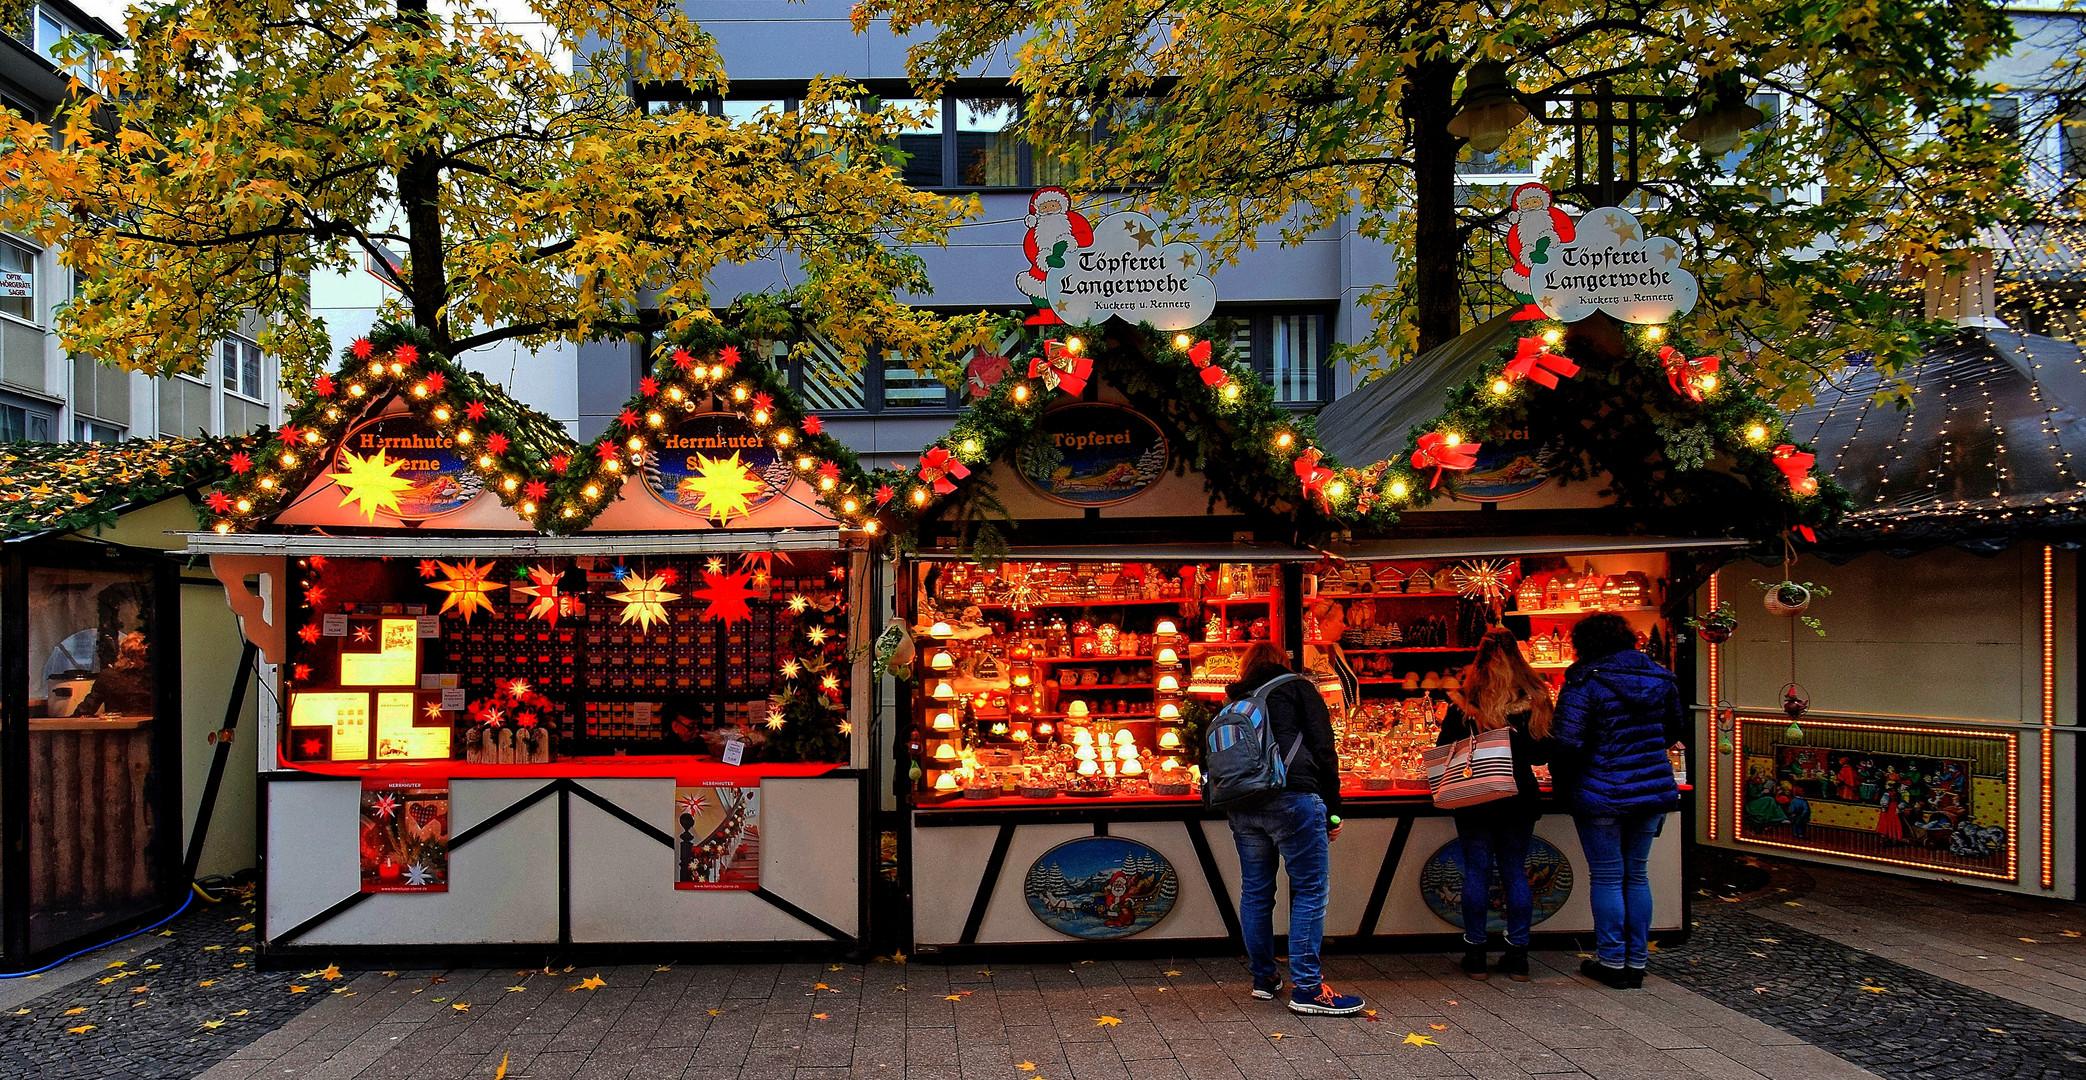 Weihnachtsmarkt Wuppertal Elberfeld 2021